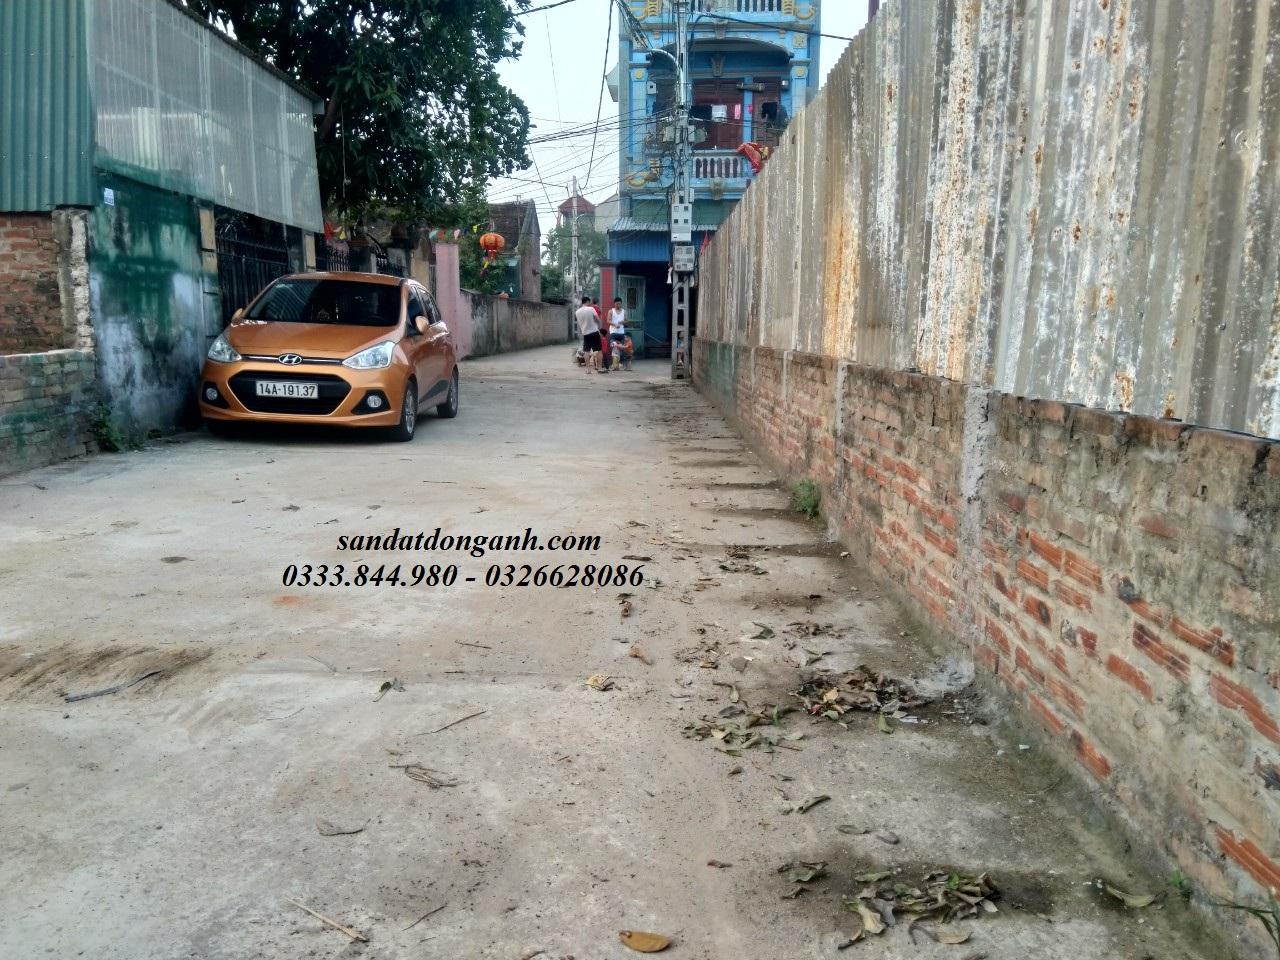 Bán đất Vân Nội: Đất vỏ làng Viên Nội -212m đường oto tránh nhau